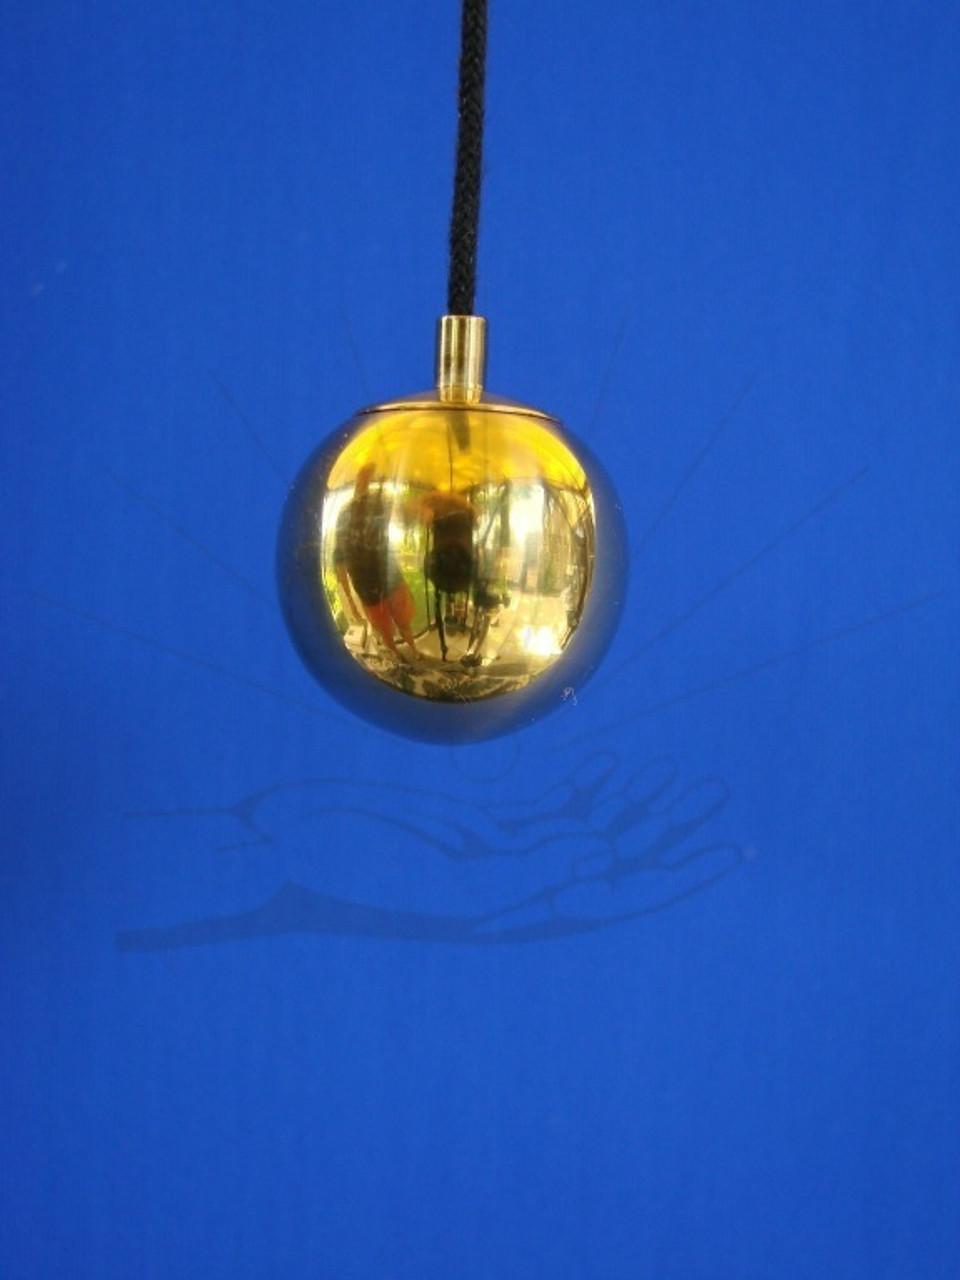 Ball Pendulum